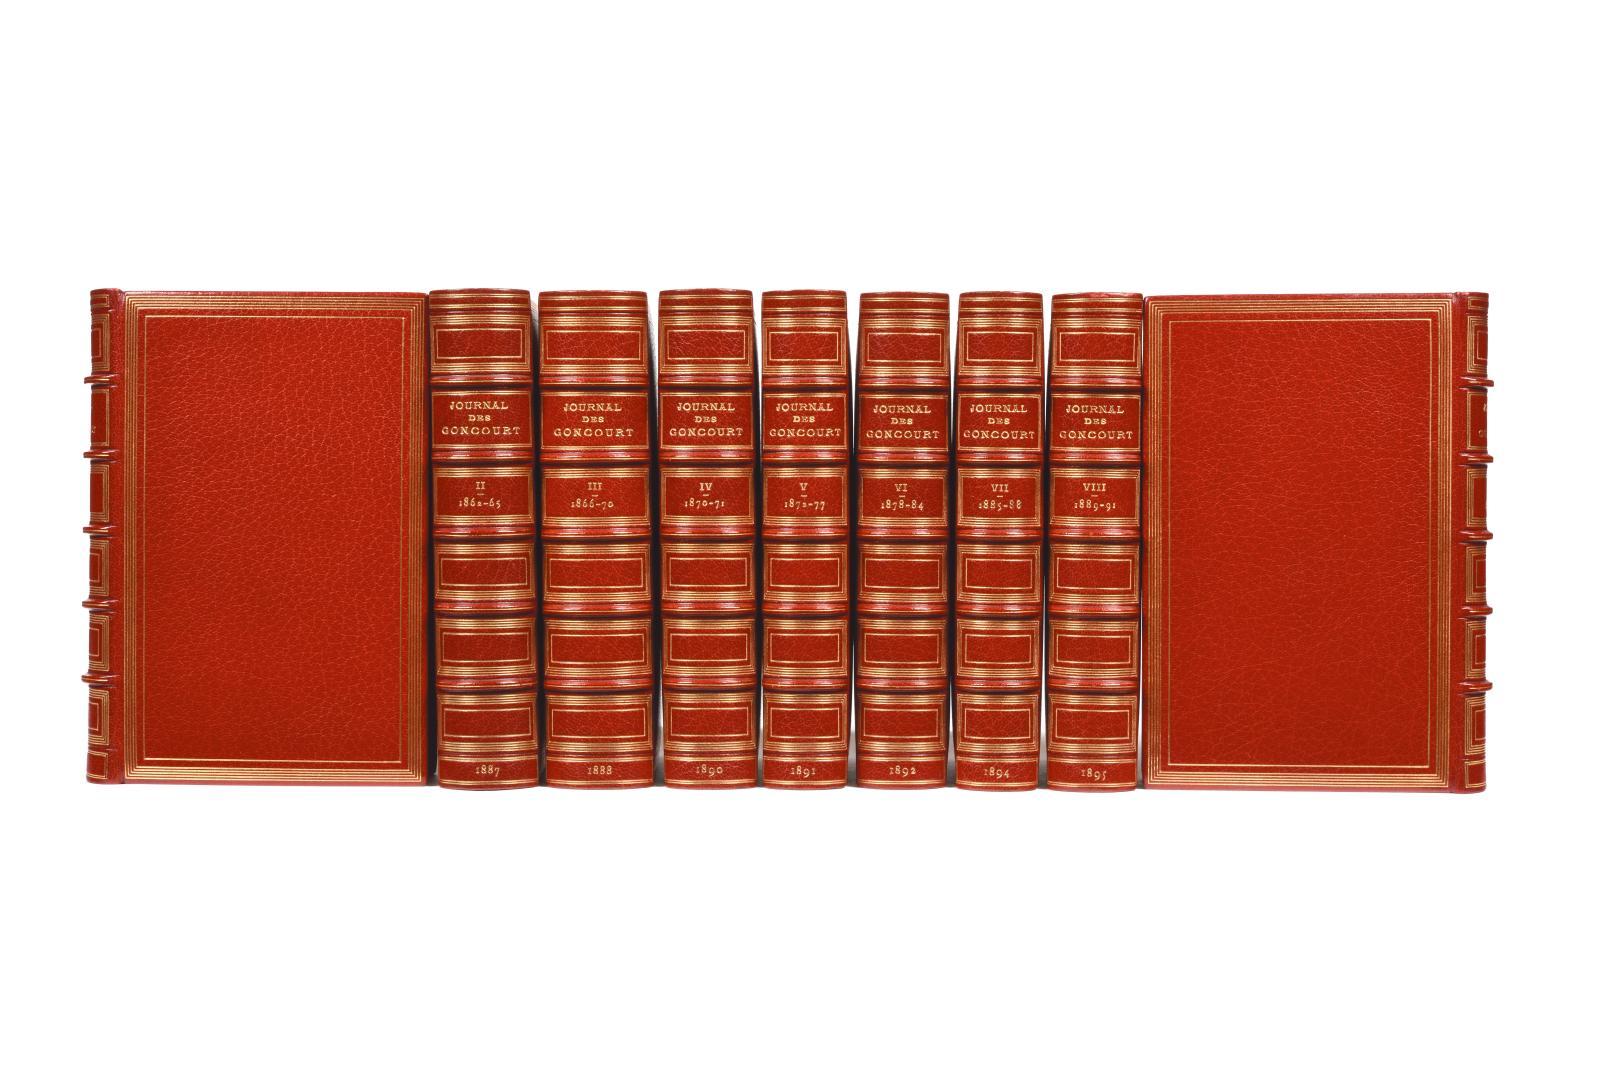 Voici le premier des dix exemplaires de tête numérotés sur japon de l'édition originaledu Journal. Mémoires de la vie littéraire de Jules